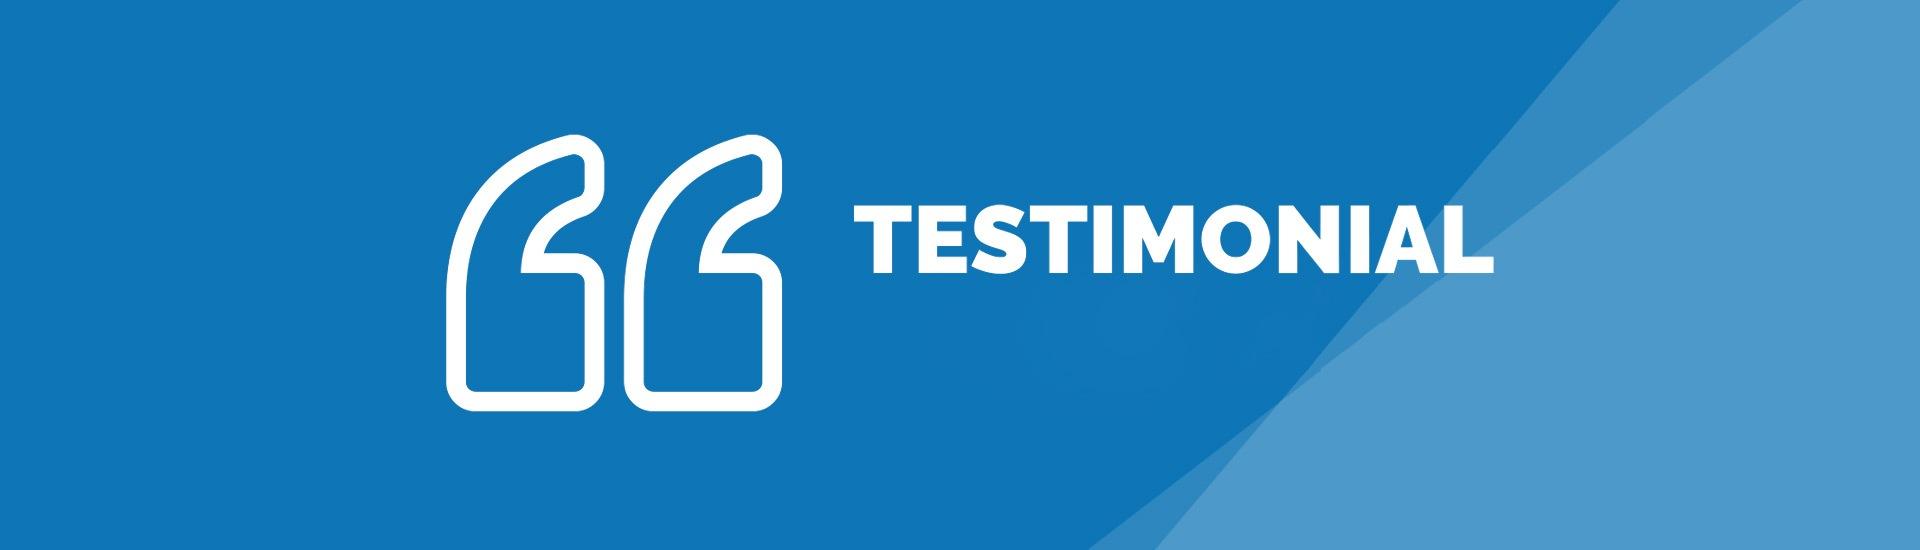 Testimonial-old